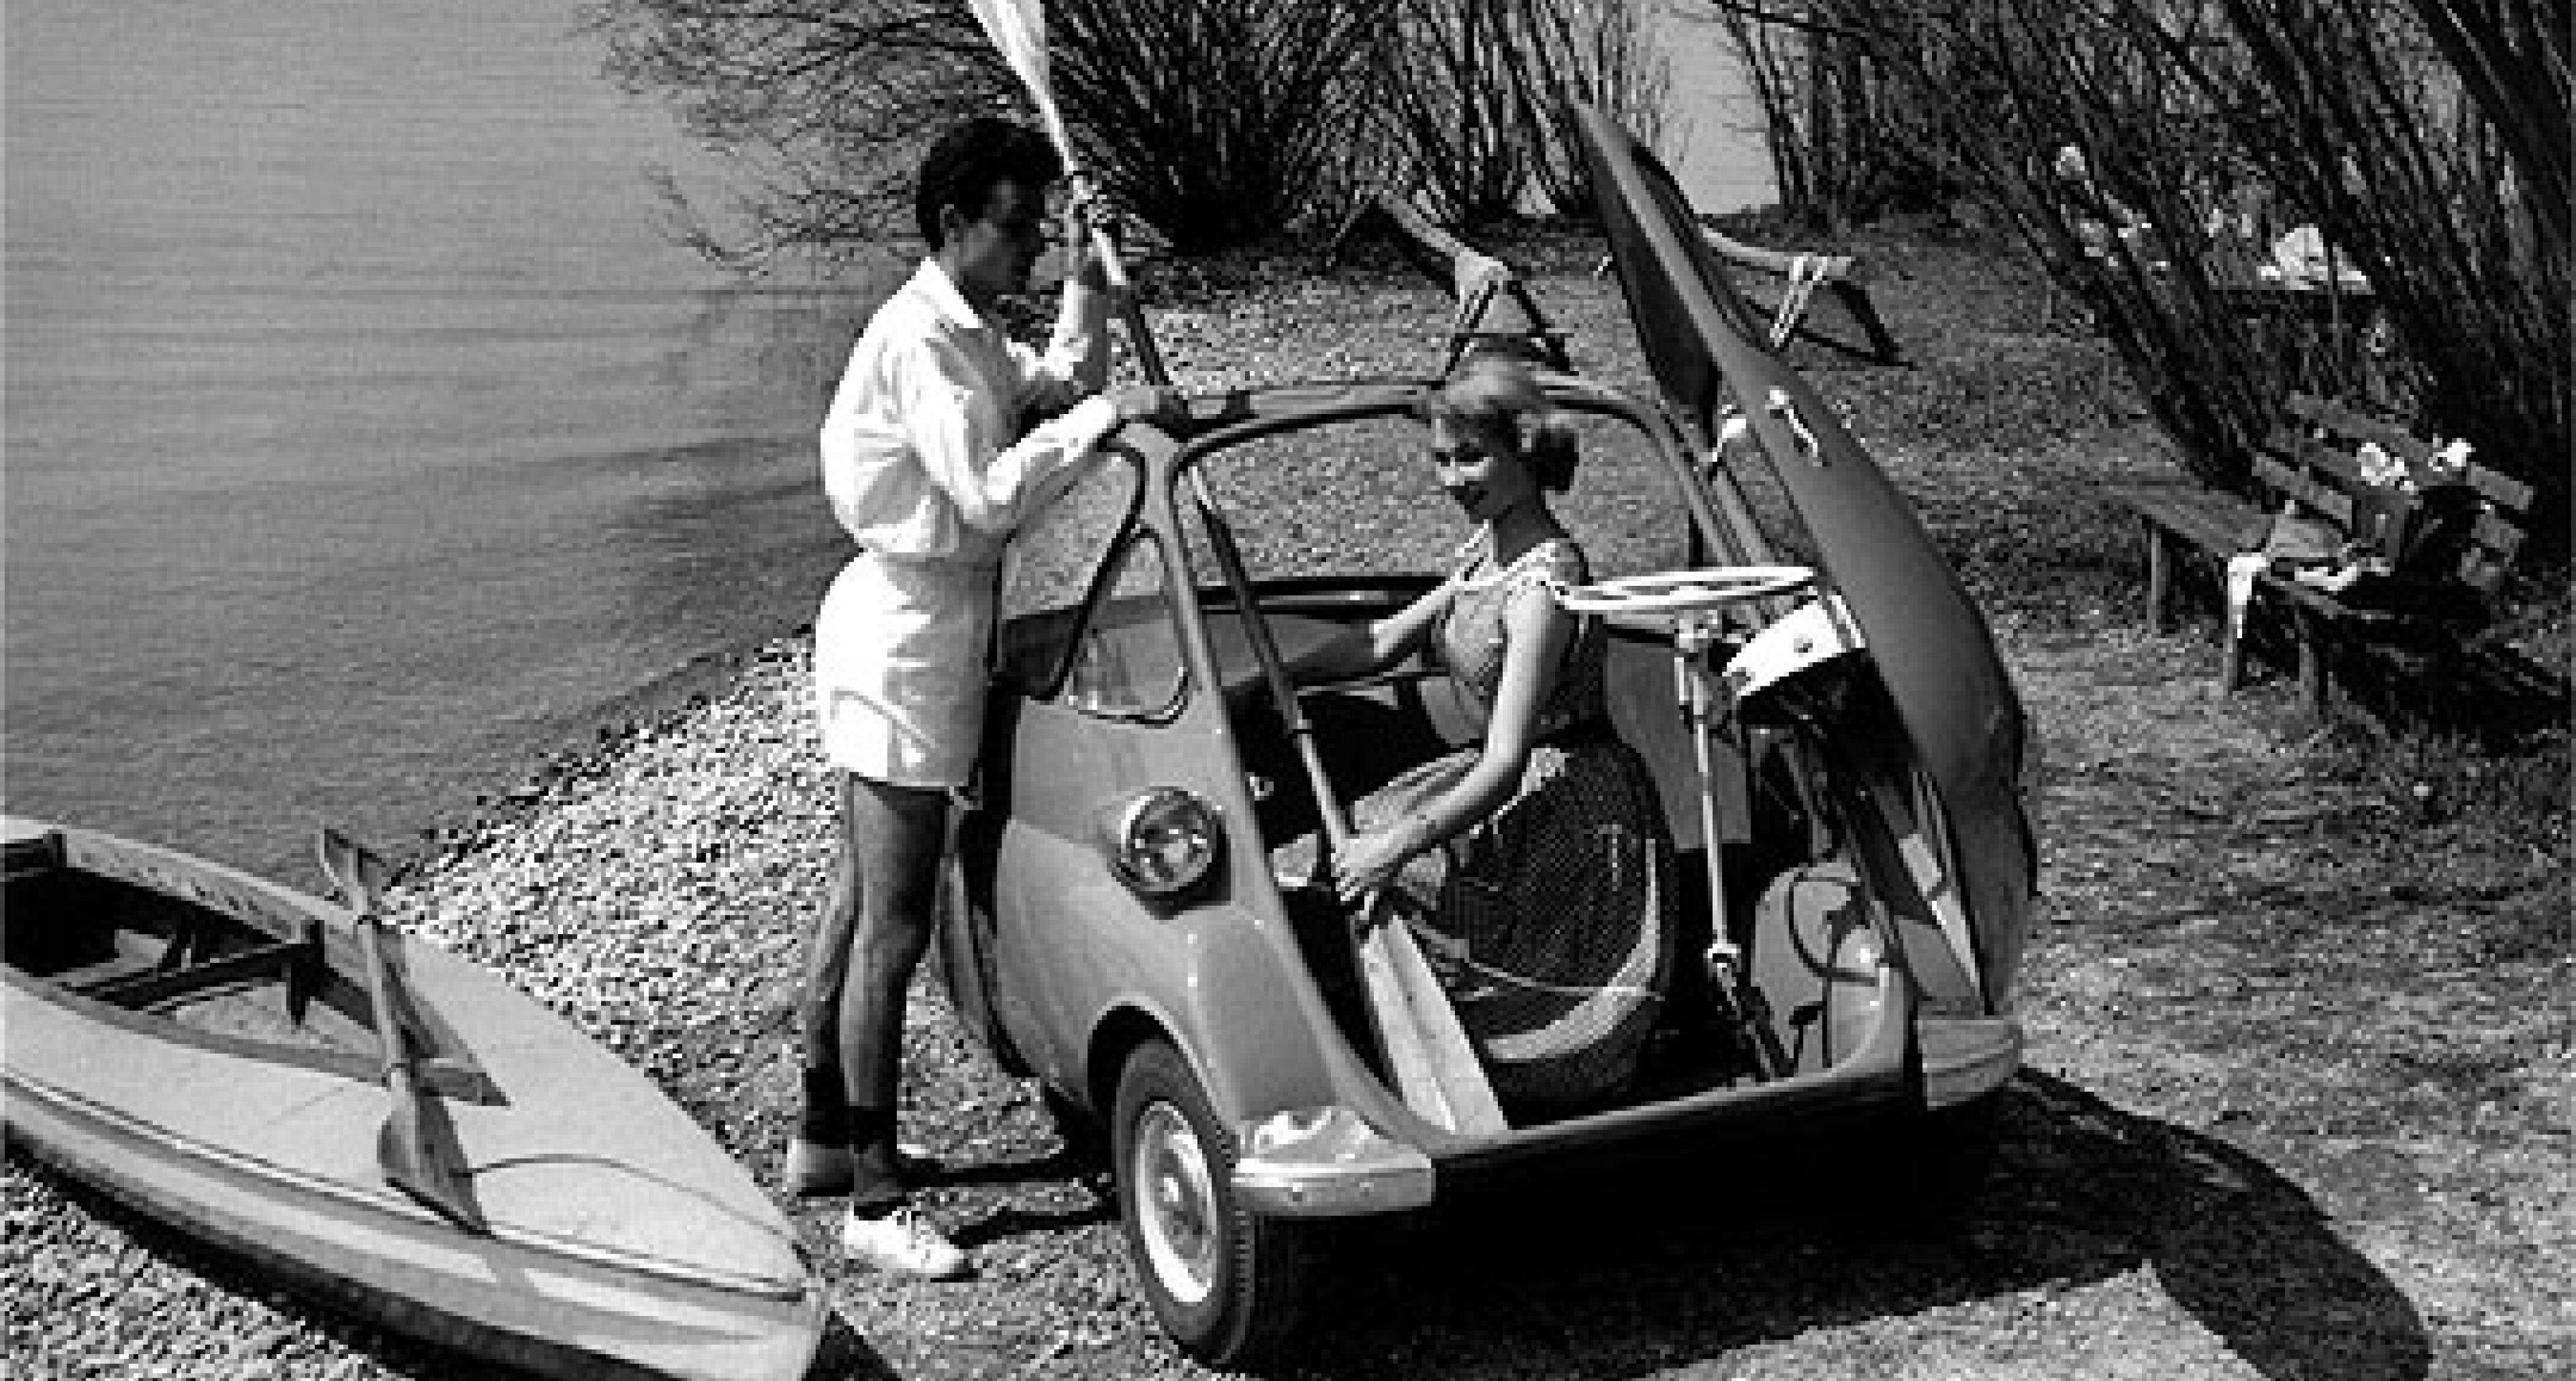 BMW Isetta: Kultobjekt feiert 50. Jubiläum